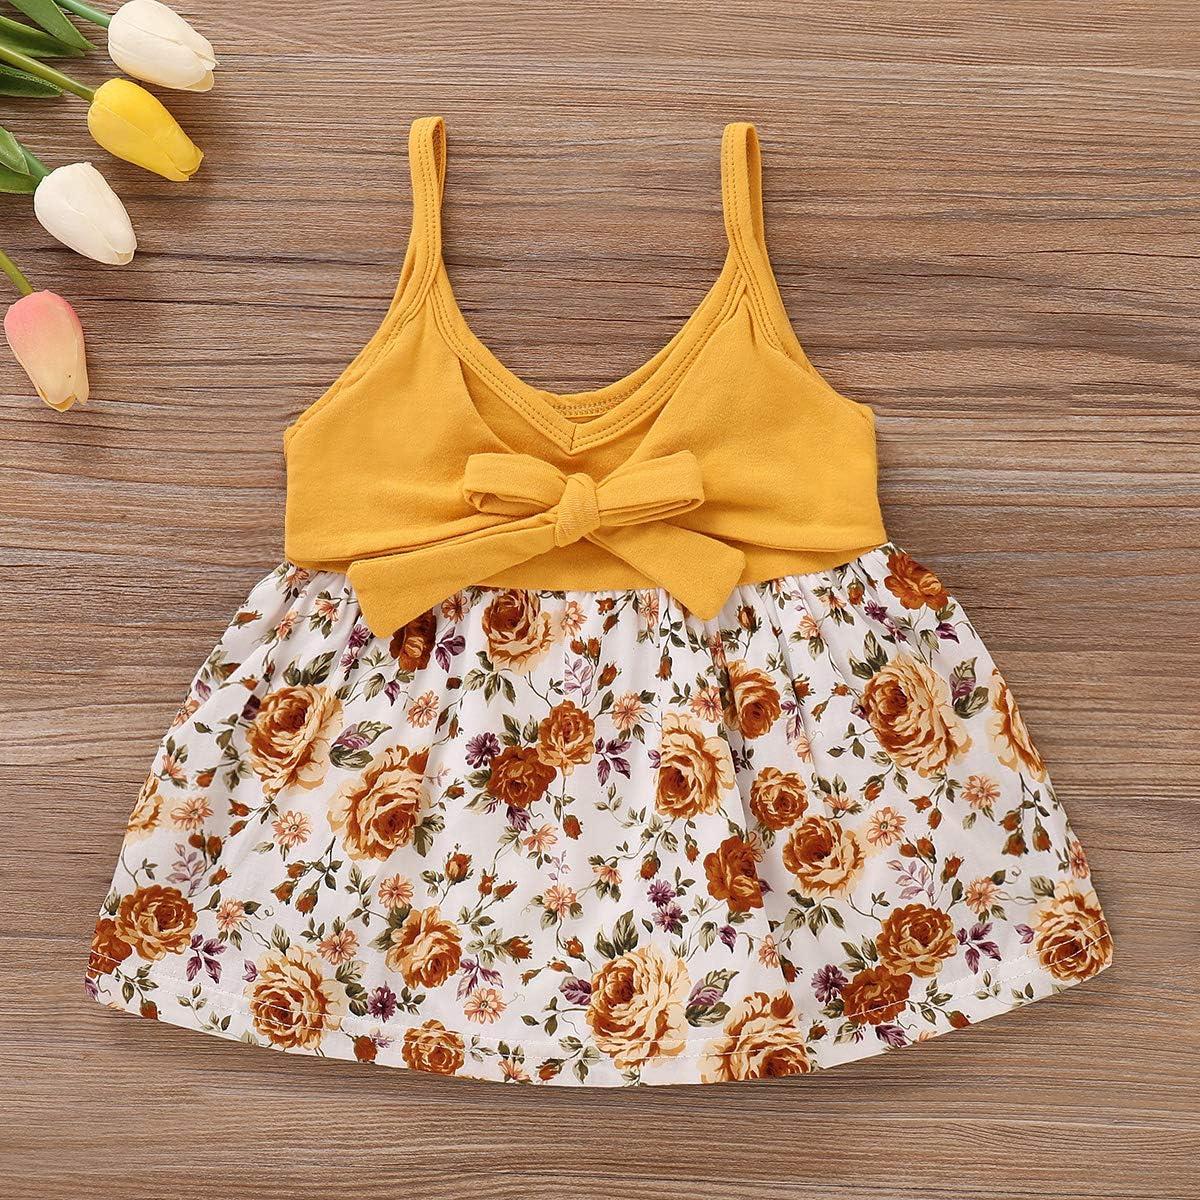 Baby Toddler Girl Floral Sleeveless Dress Bowknot Suspender Sundress